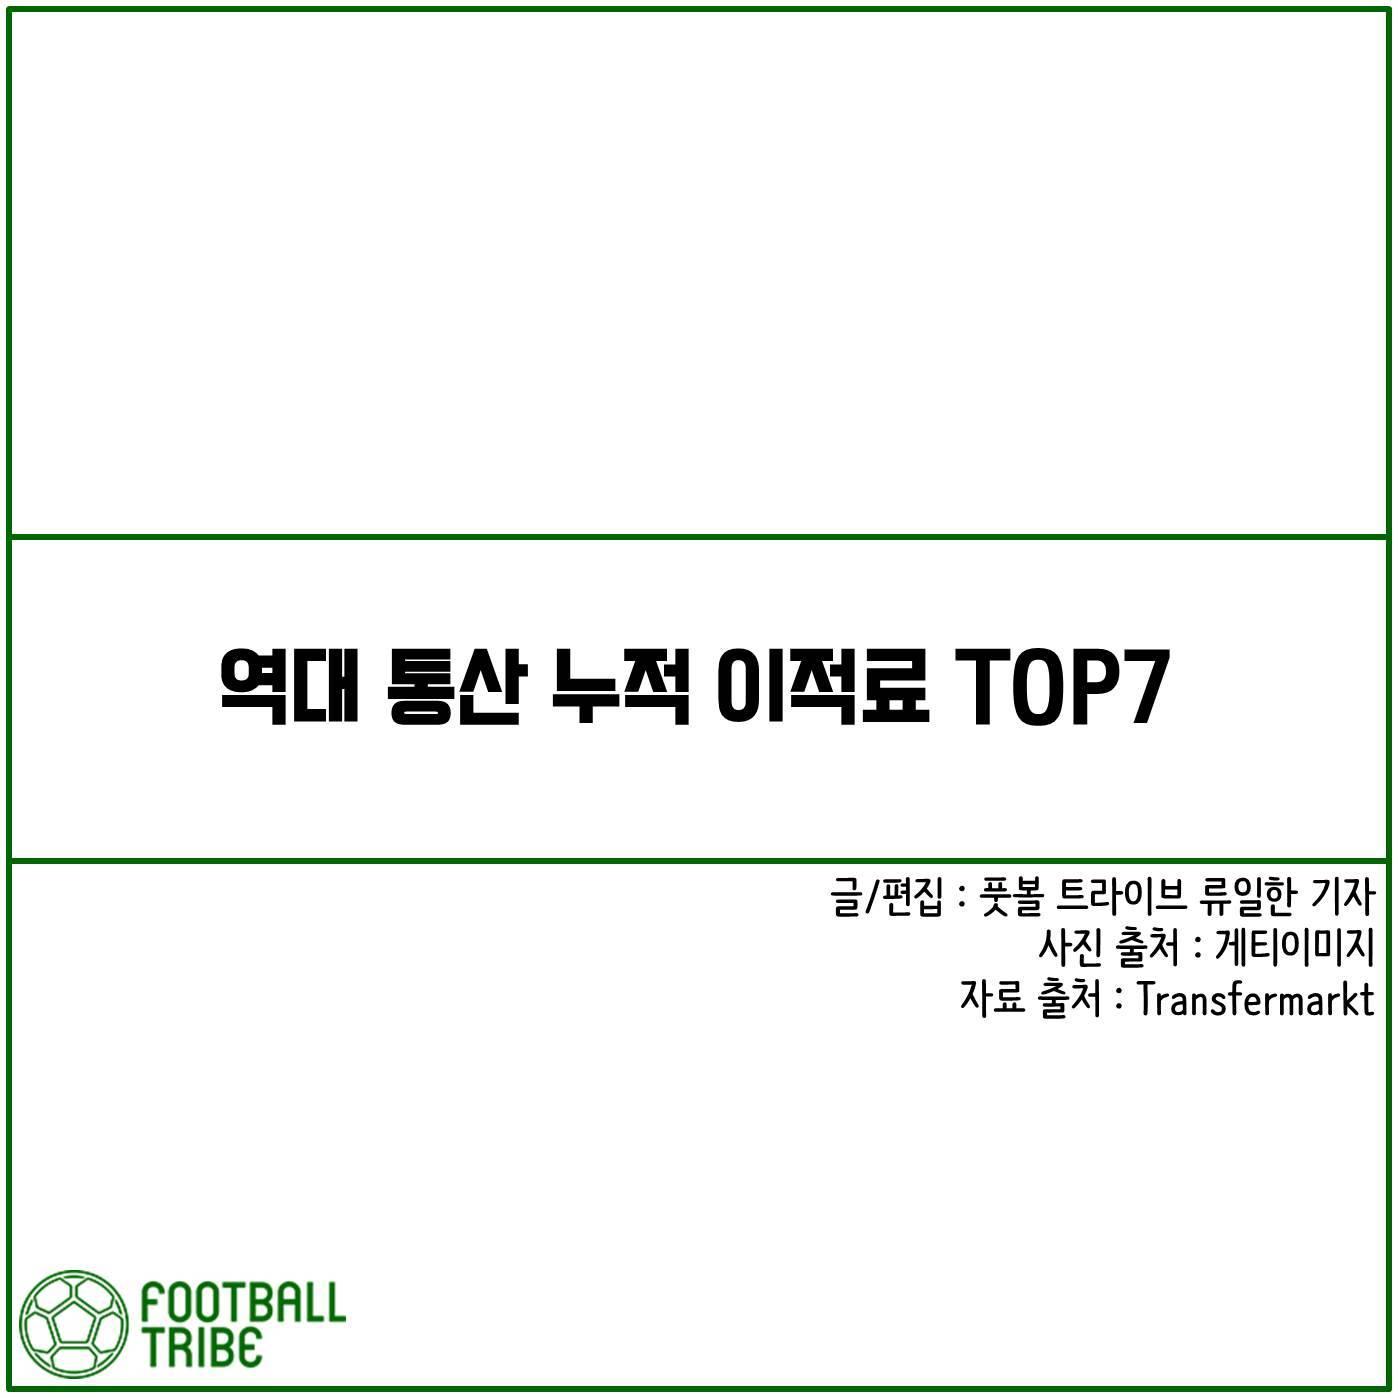 [카드 뉴스] 역대 통산 누적 이적료 TOP7